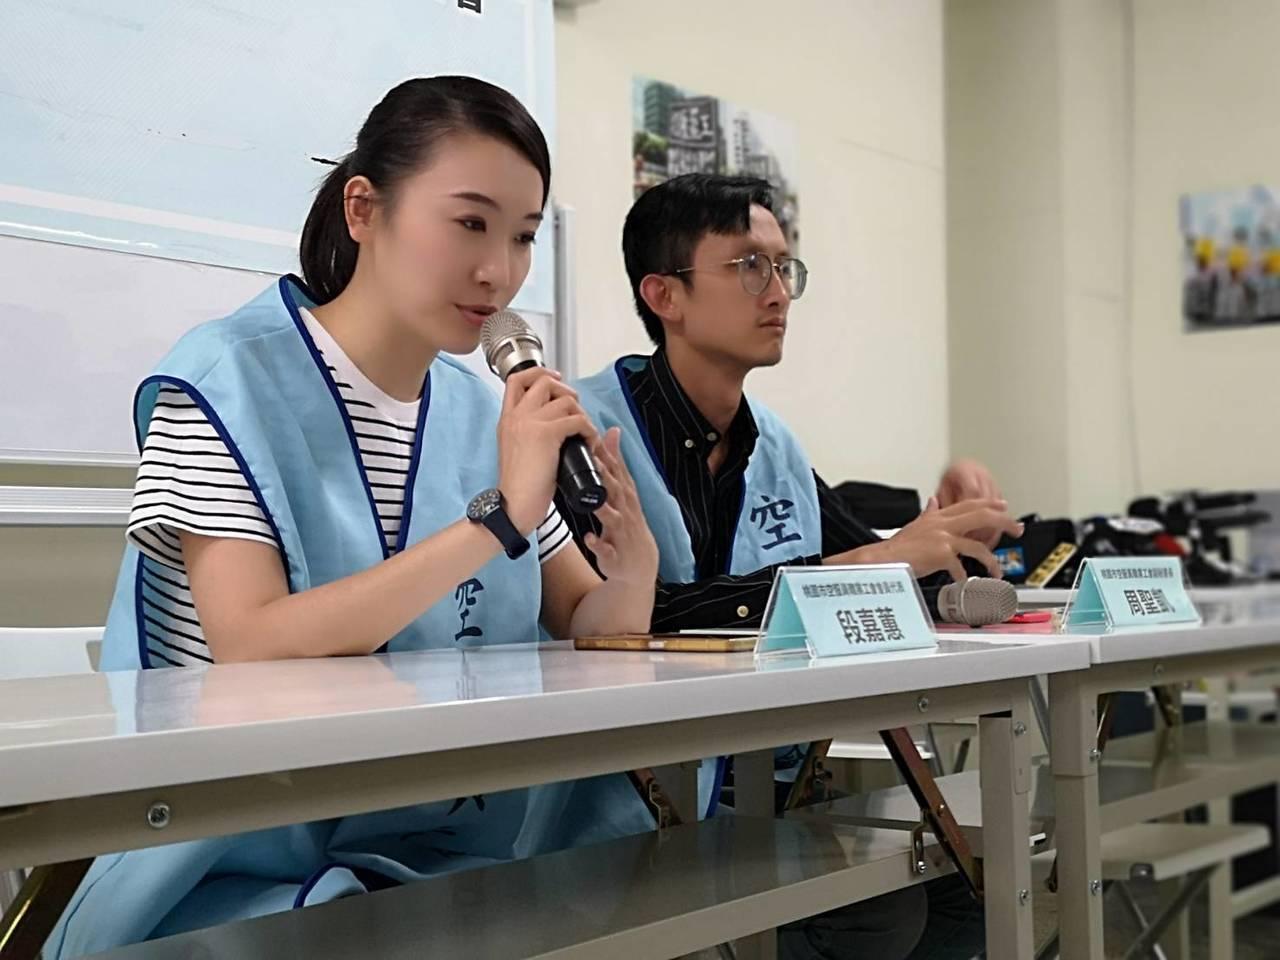 桃園市空服員職業工會理事段嘉蕙說明郭芷嫣遭免職一事。記者曹悅華/攝影